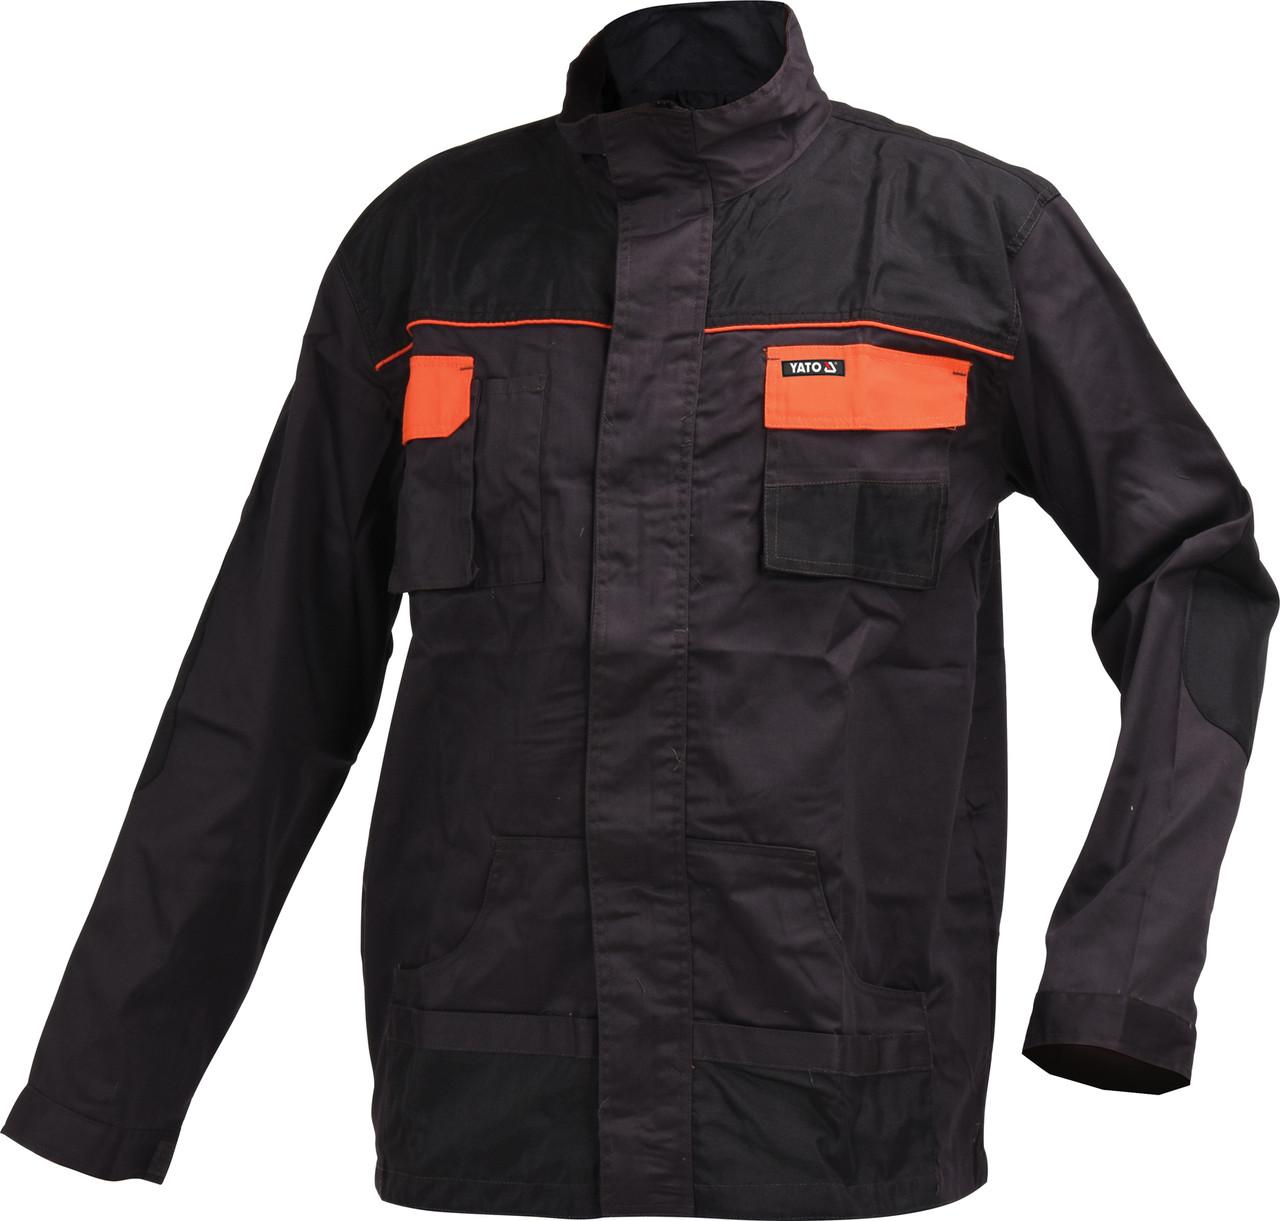 Рабочая куртка YATO YT-80902 размер L